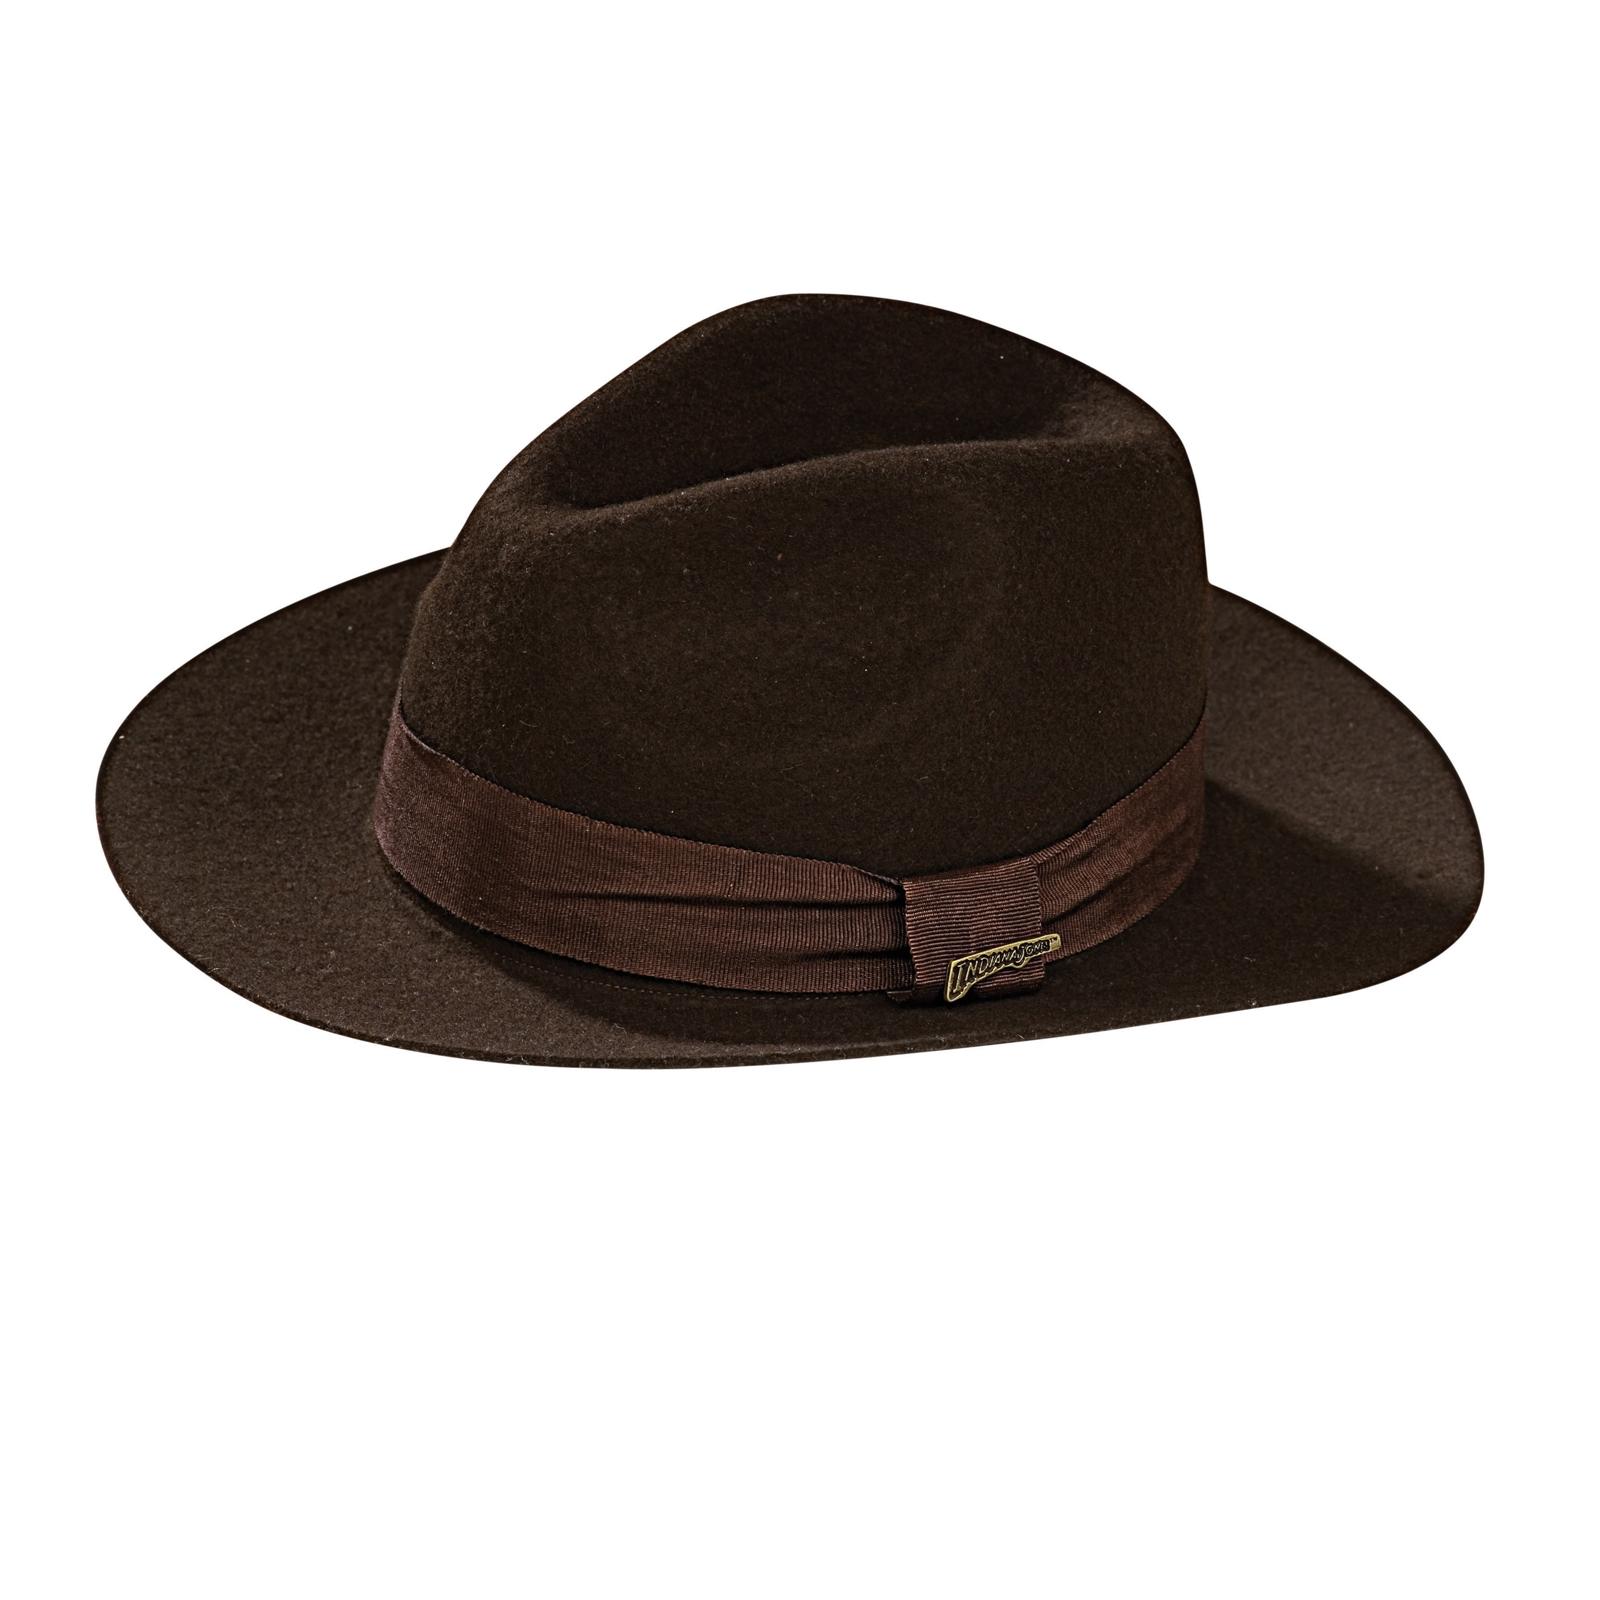 Indiana Jones Hat Indiana Jones Deluxe Indiana